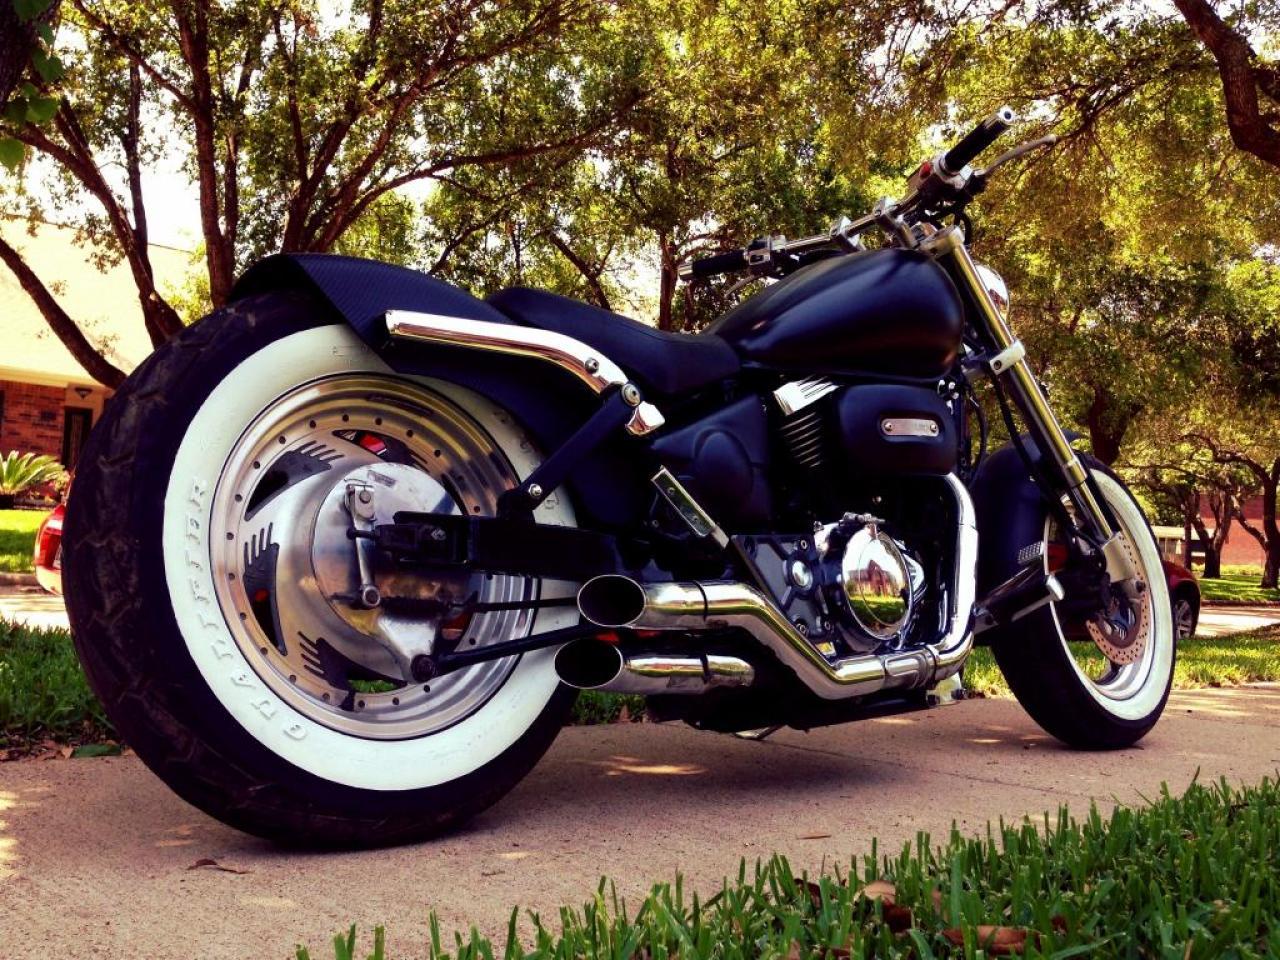 hight resolution of 1997 suzuki vz 800 marauder moto zombdrive com rh moto zombdrive com 2000 suzuki marauder 800 2001 suzuki marauder 800